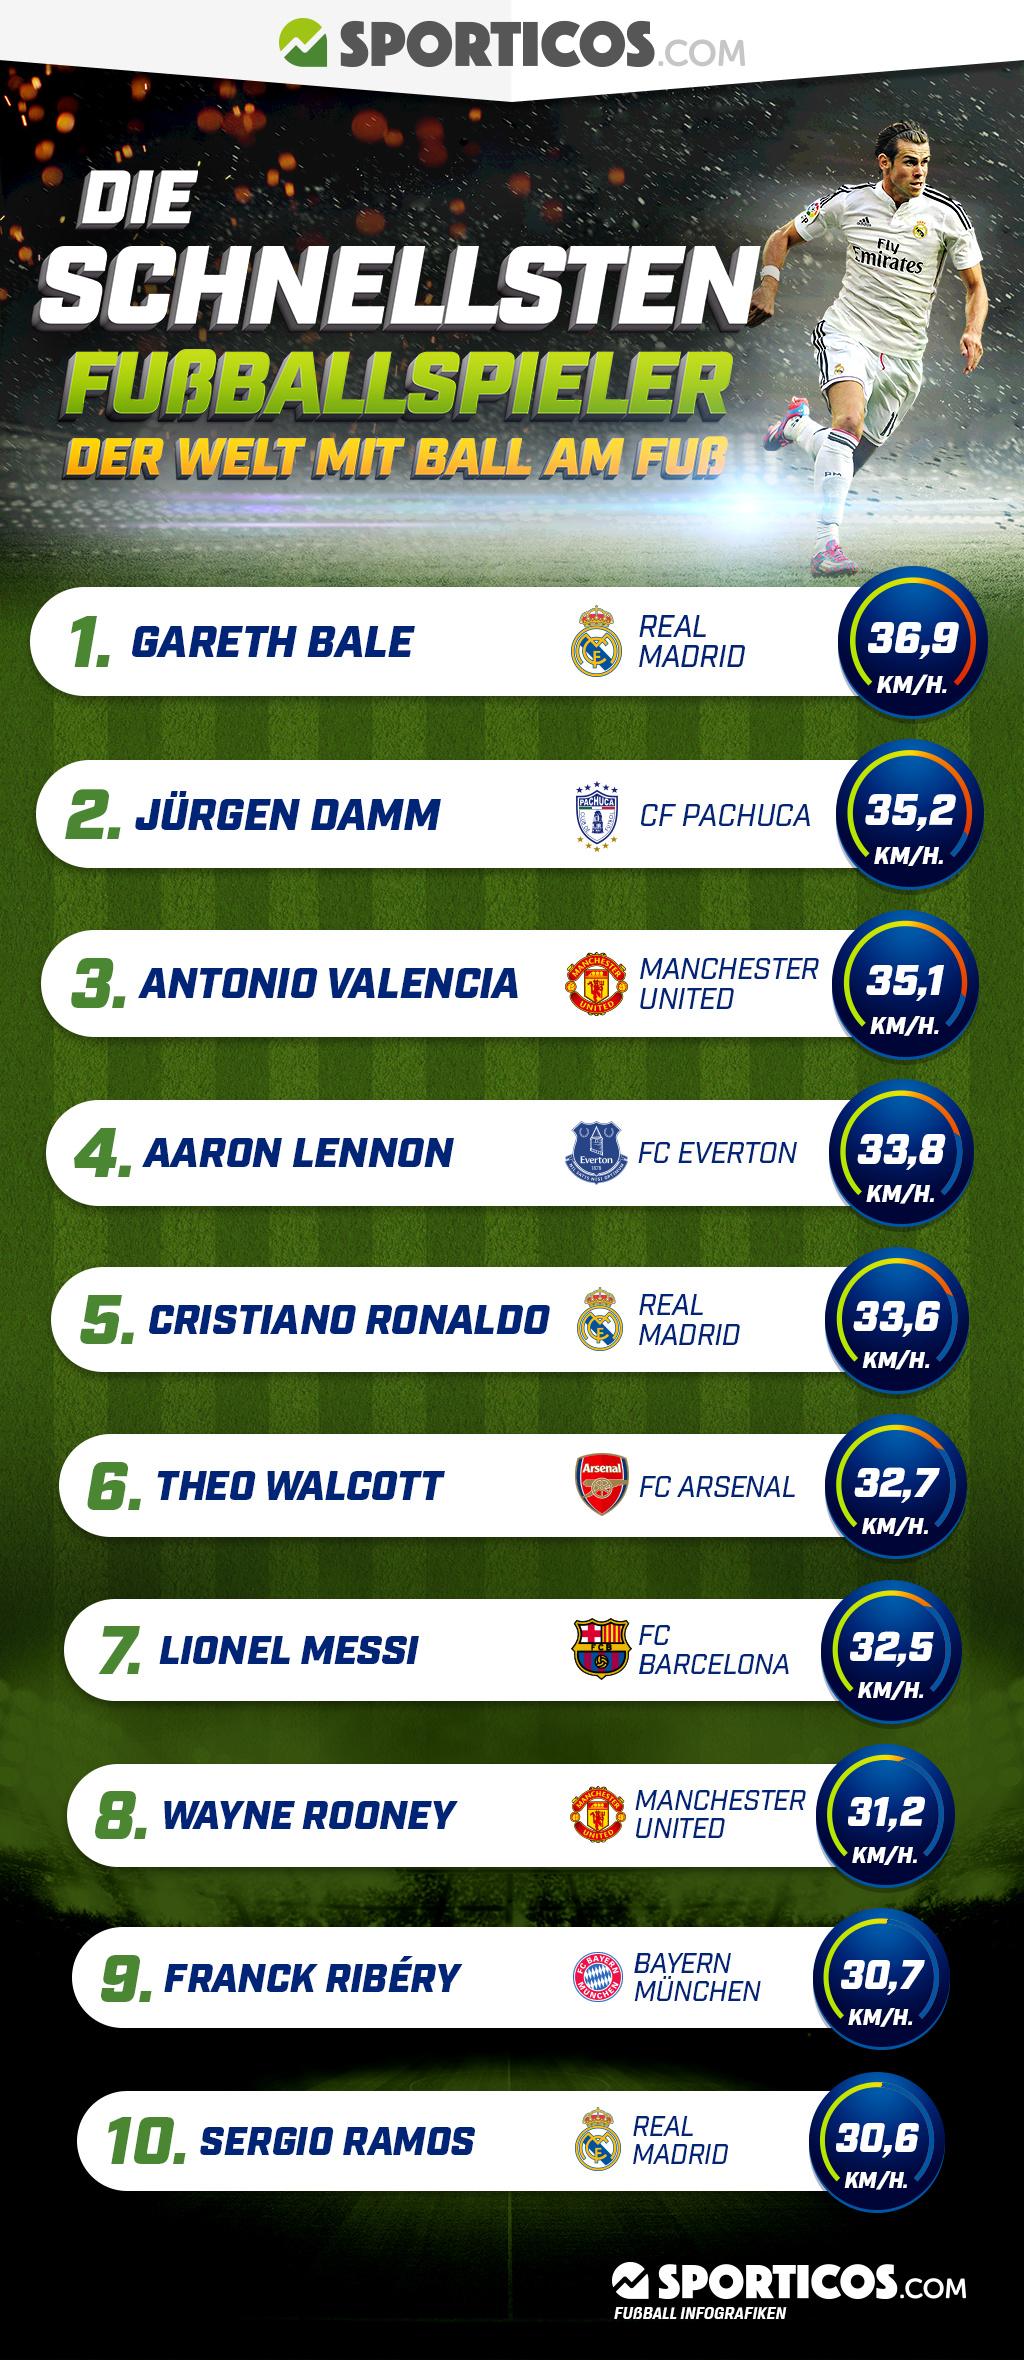 Der schnellste Fußballspieler der Welt